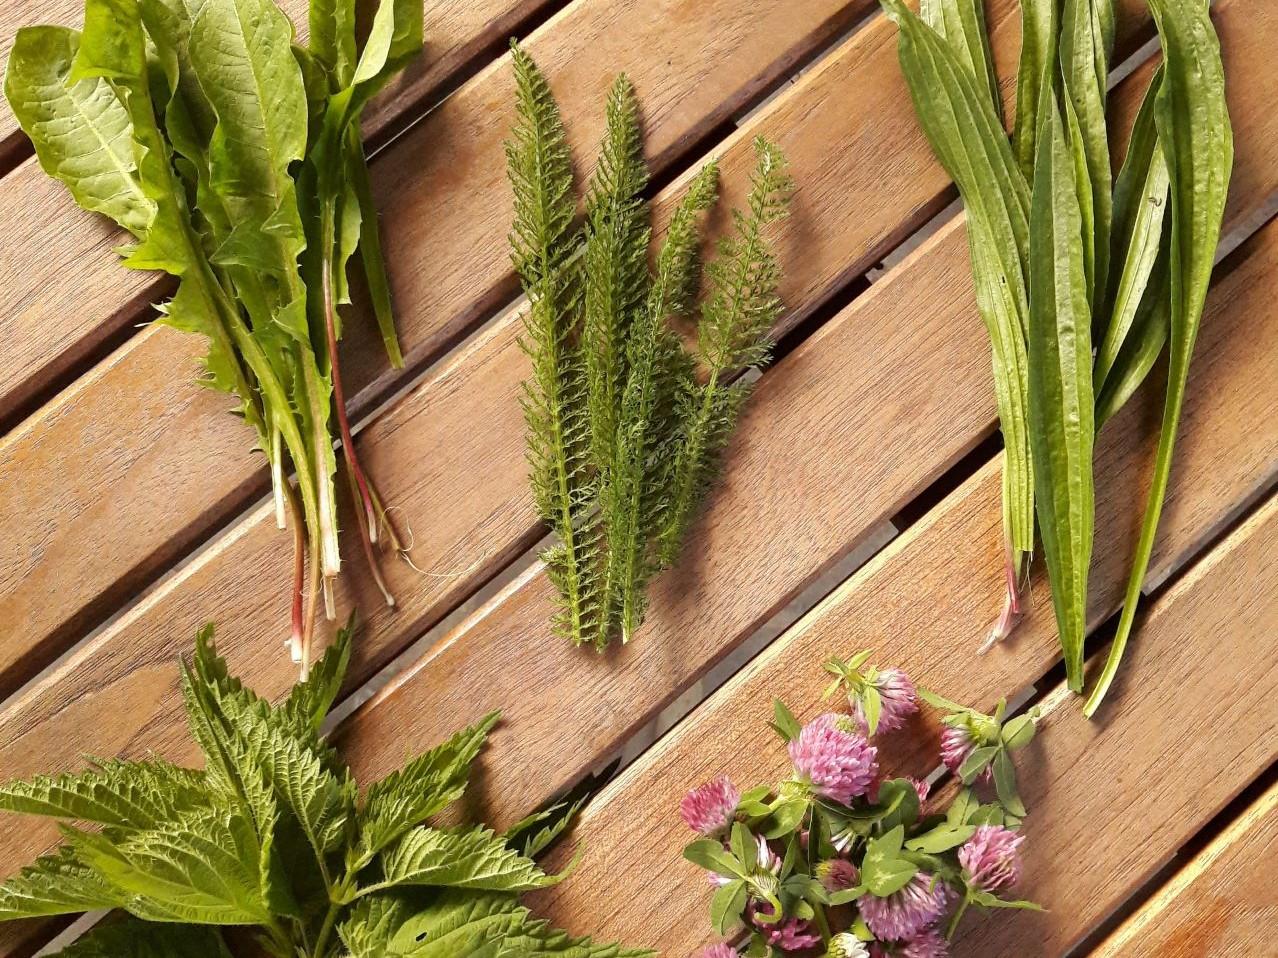 tratament articular pe bază de plante